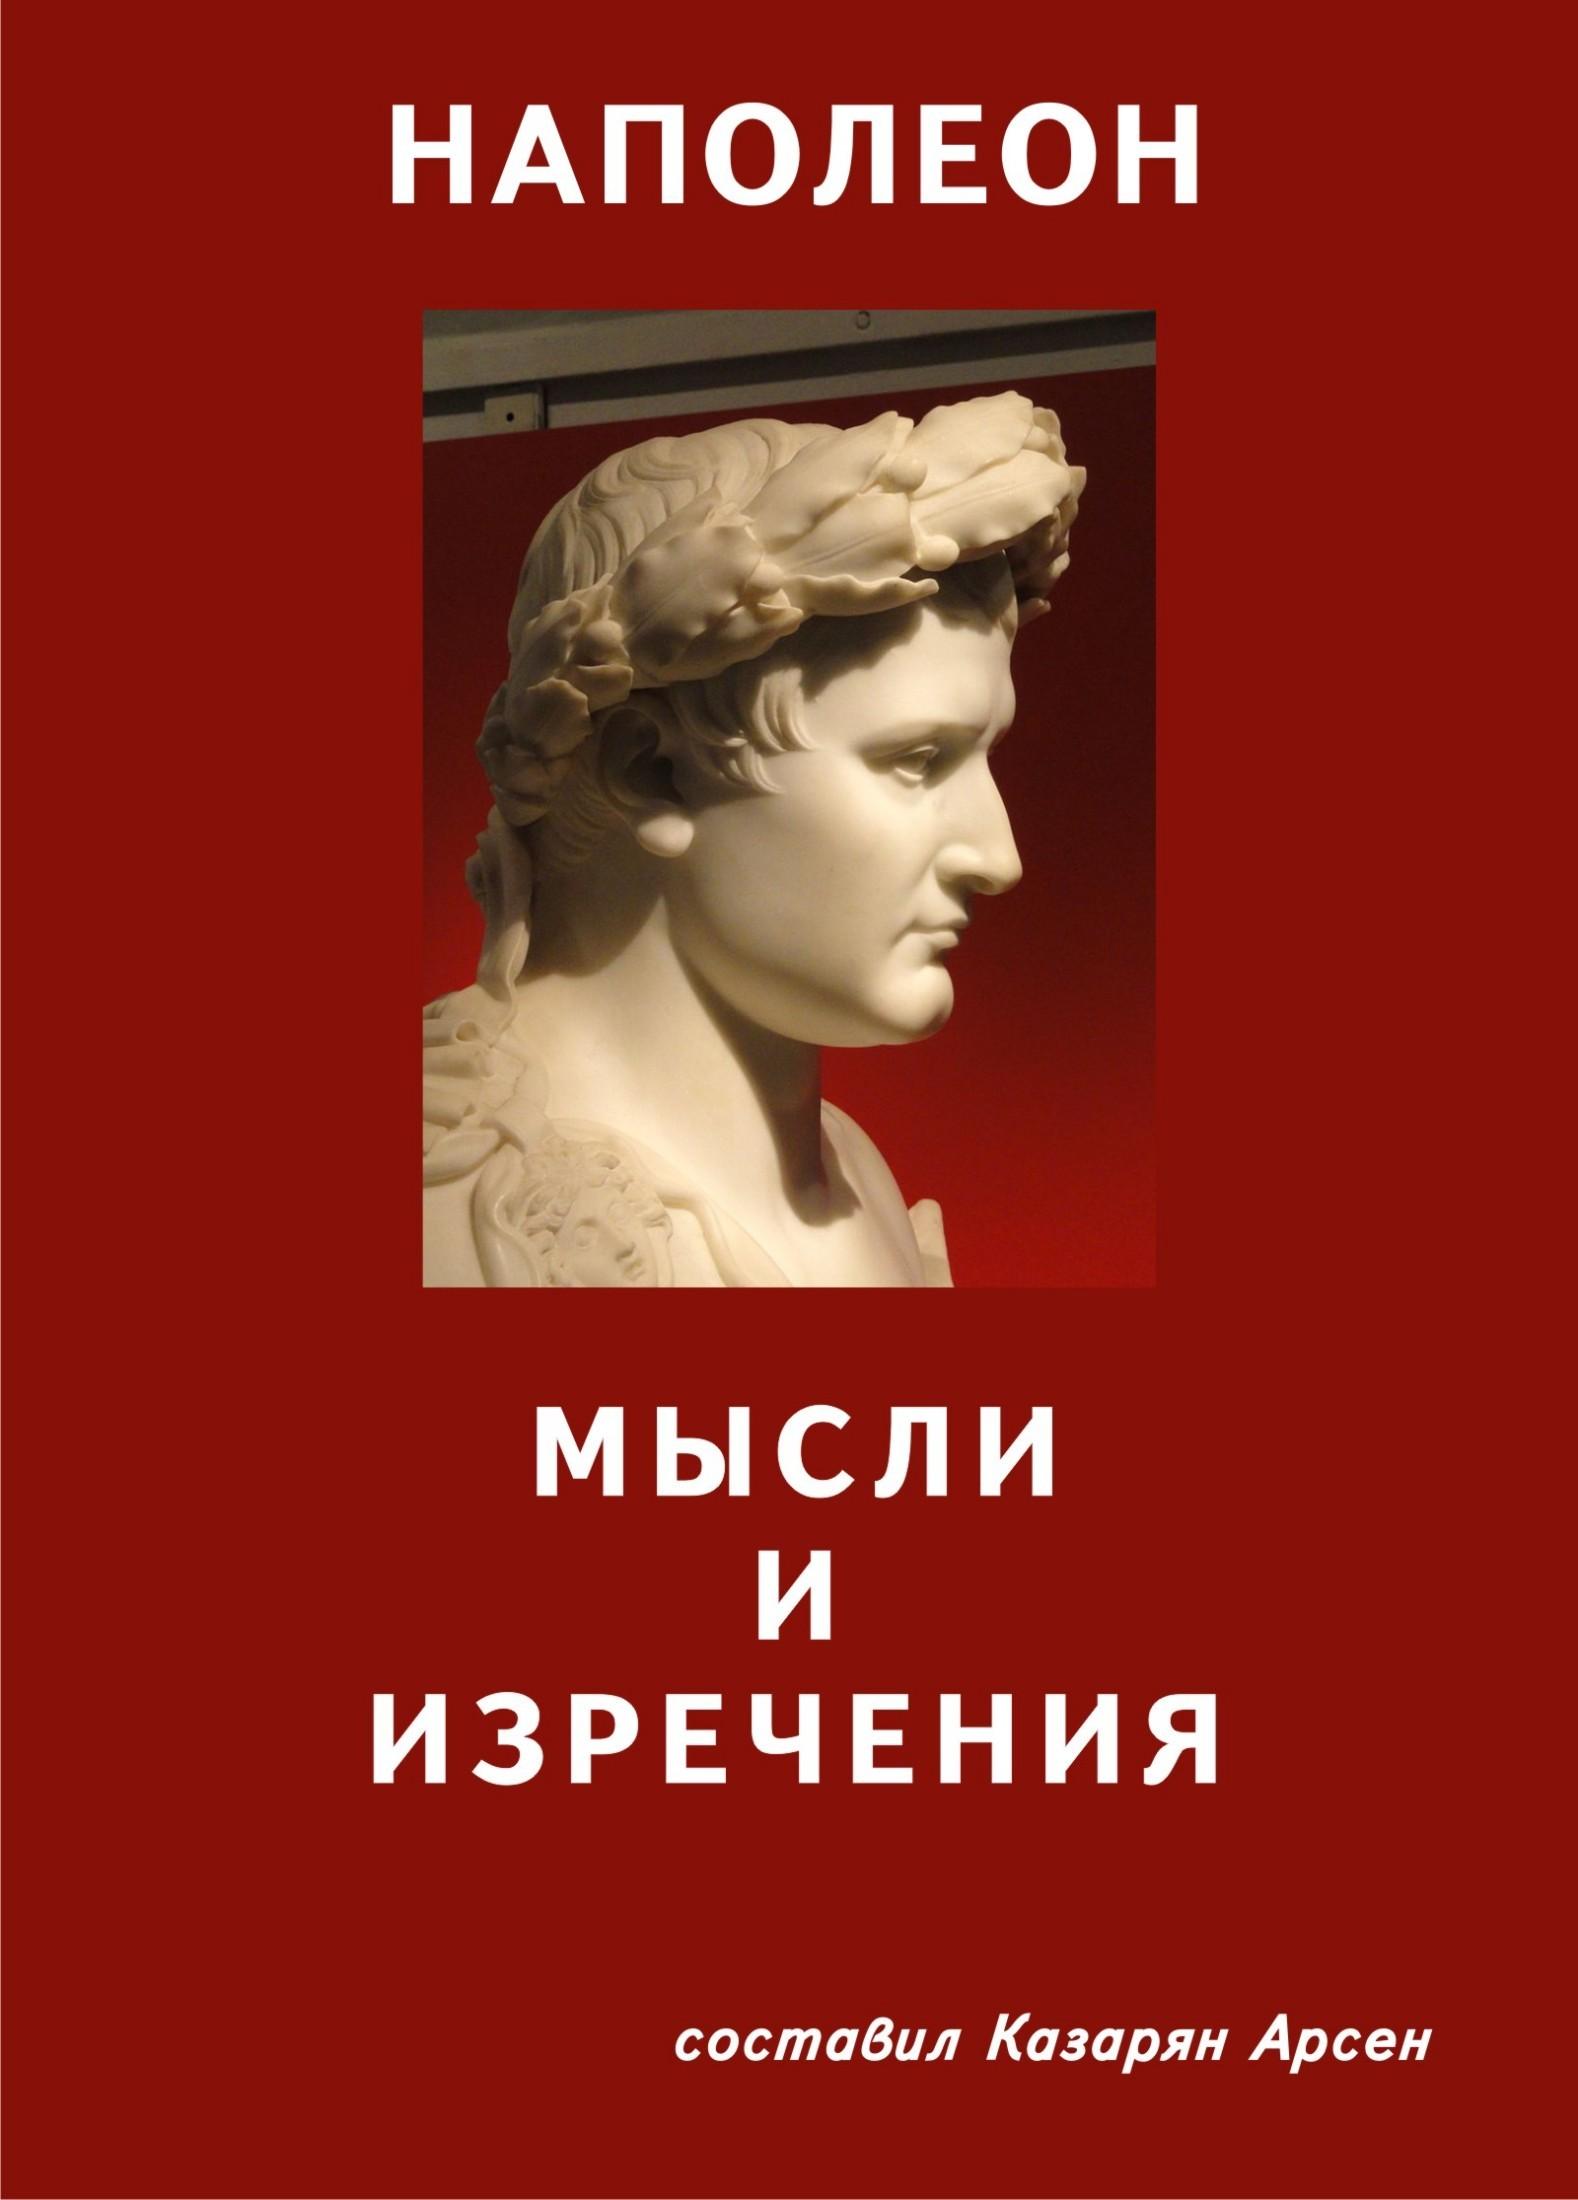 Наполеон. Мысли и изречения